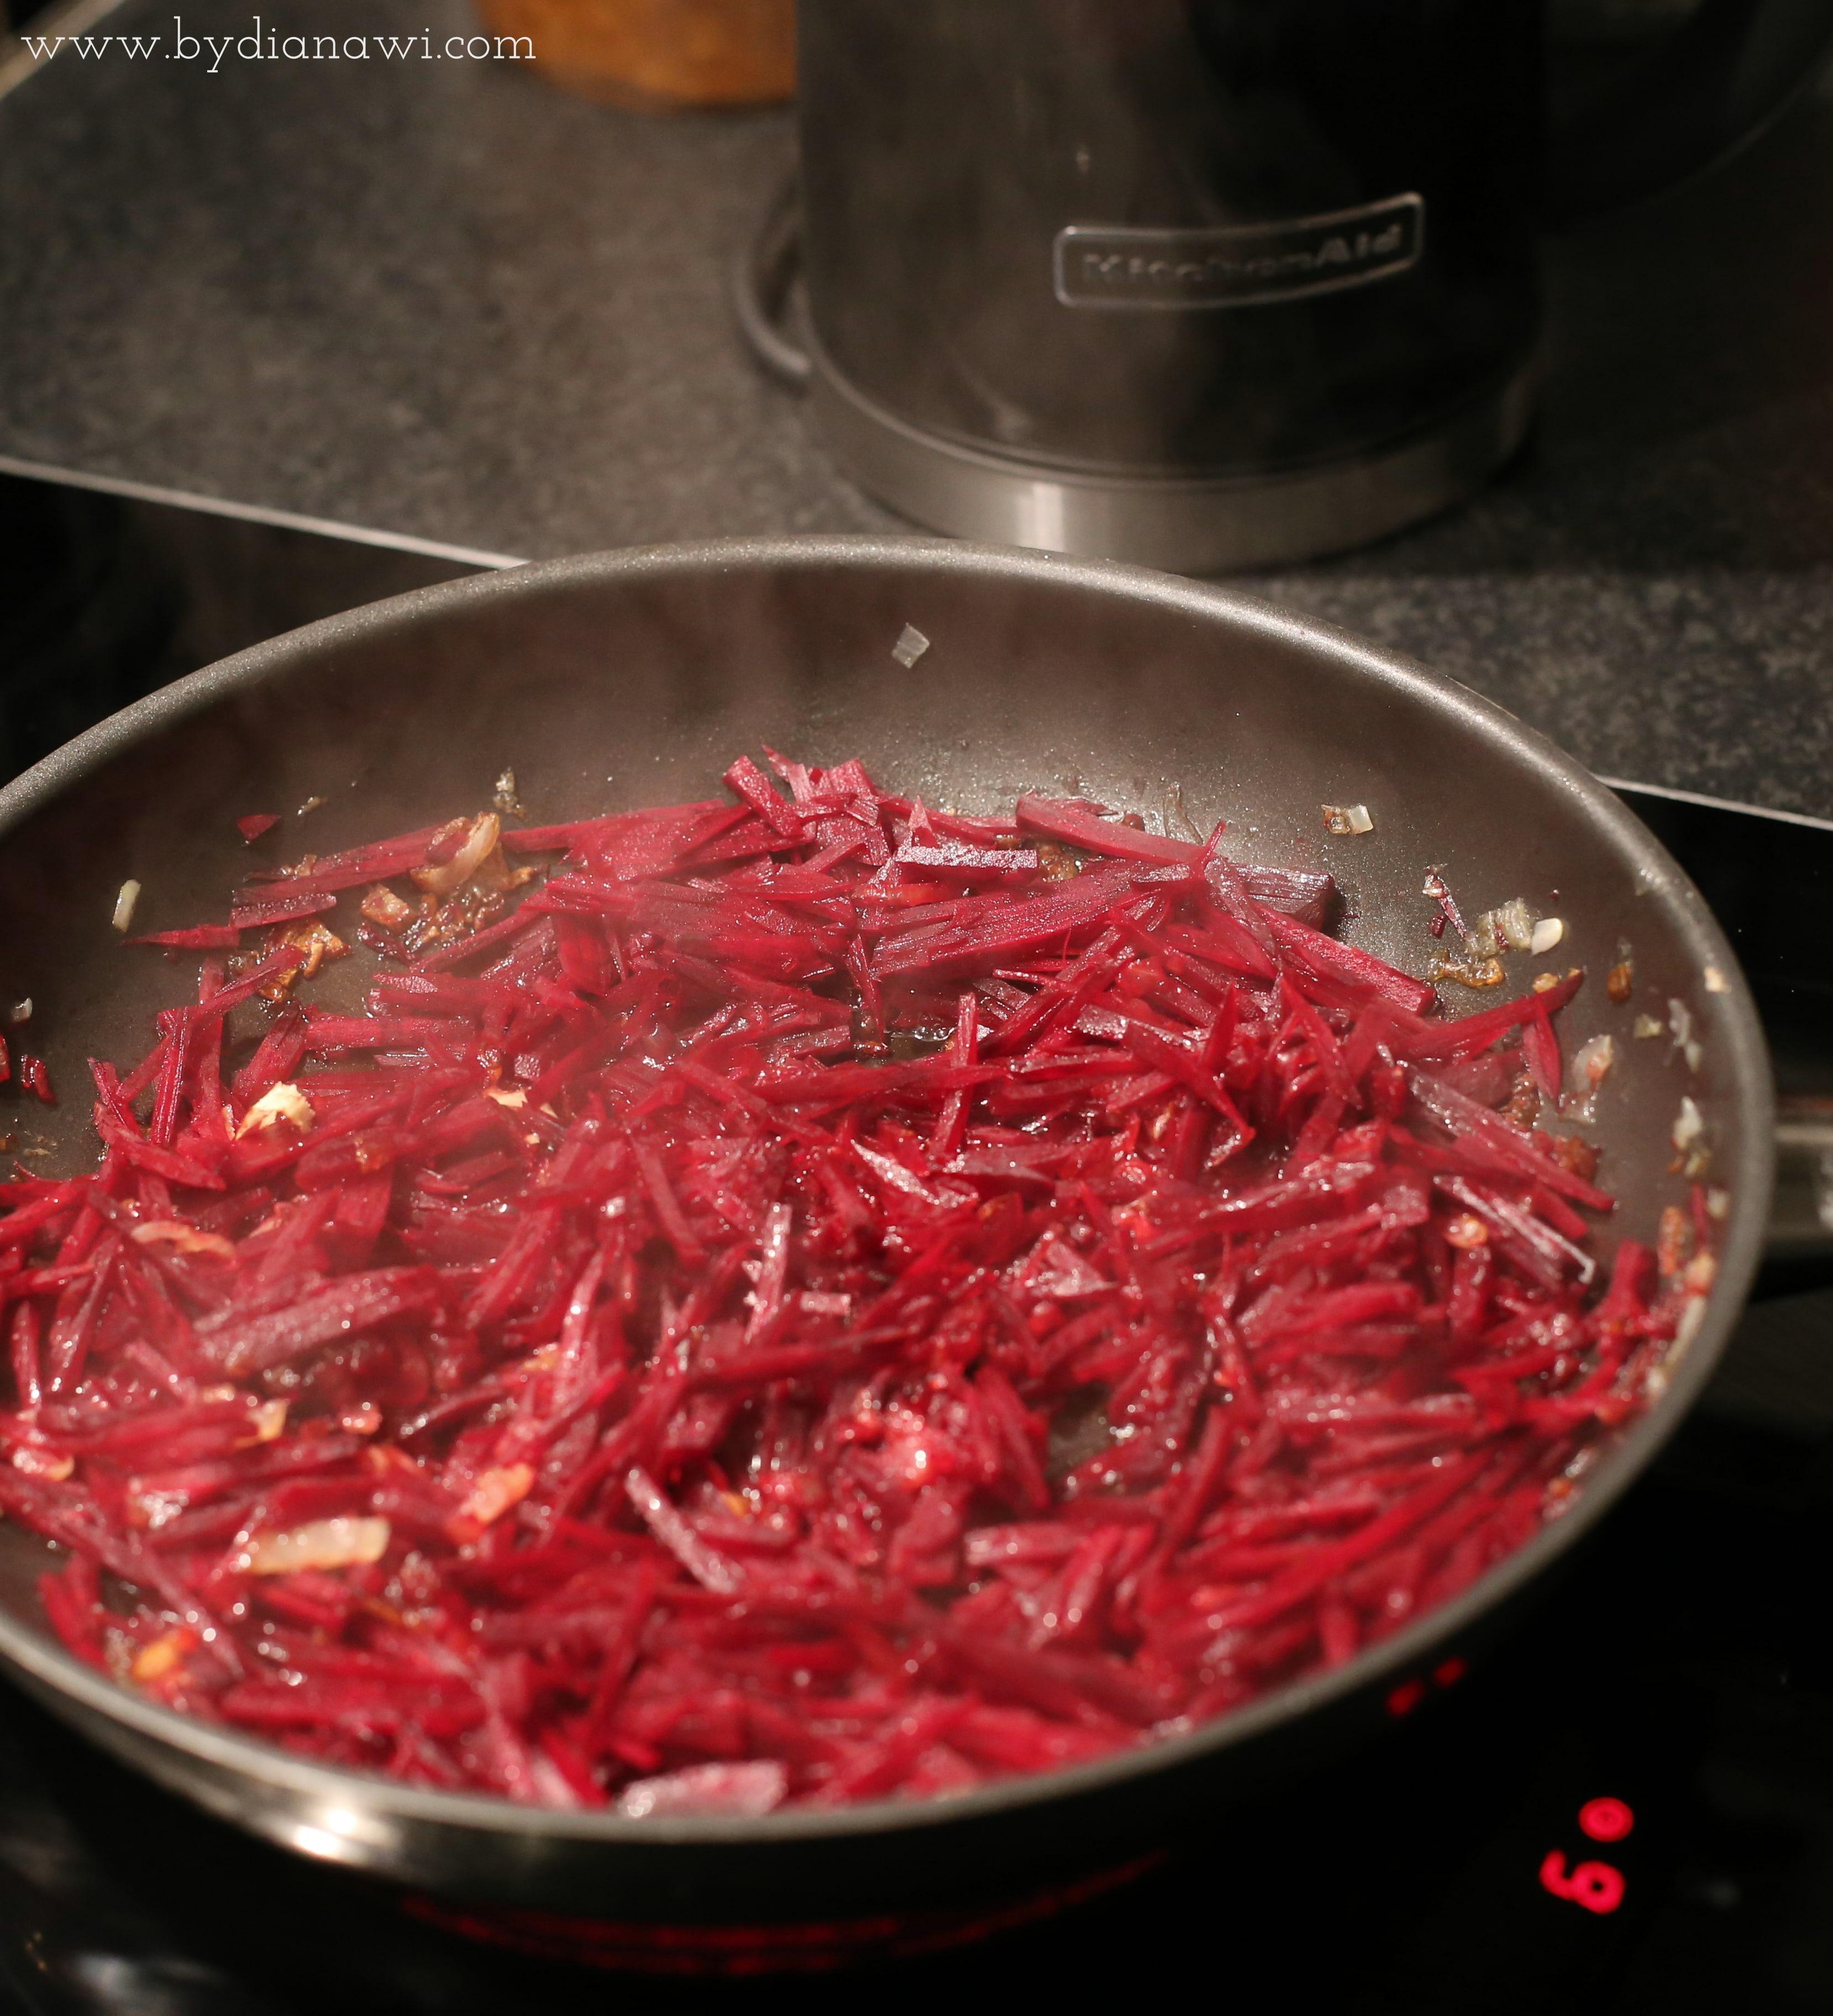 russisk borsch suppe opskrift, rødbedesuppe, vintermad